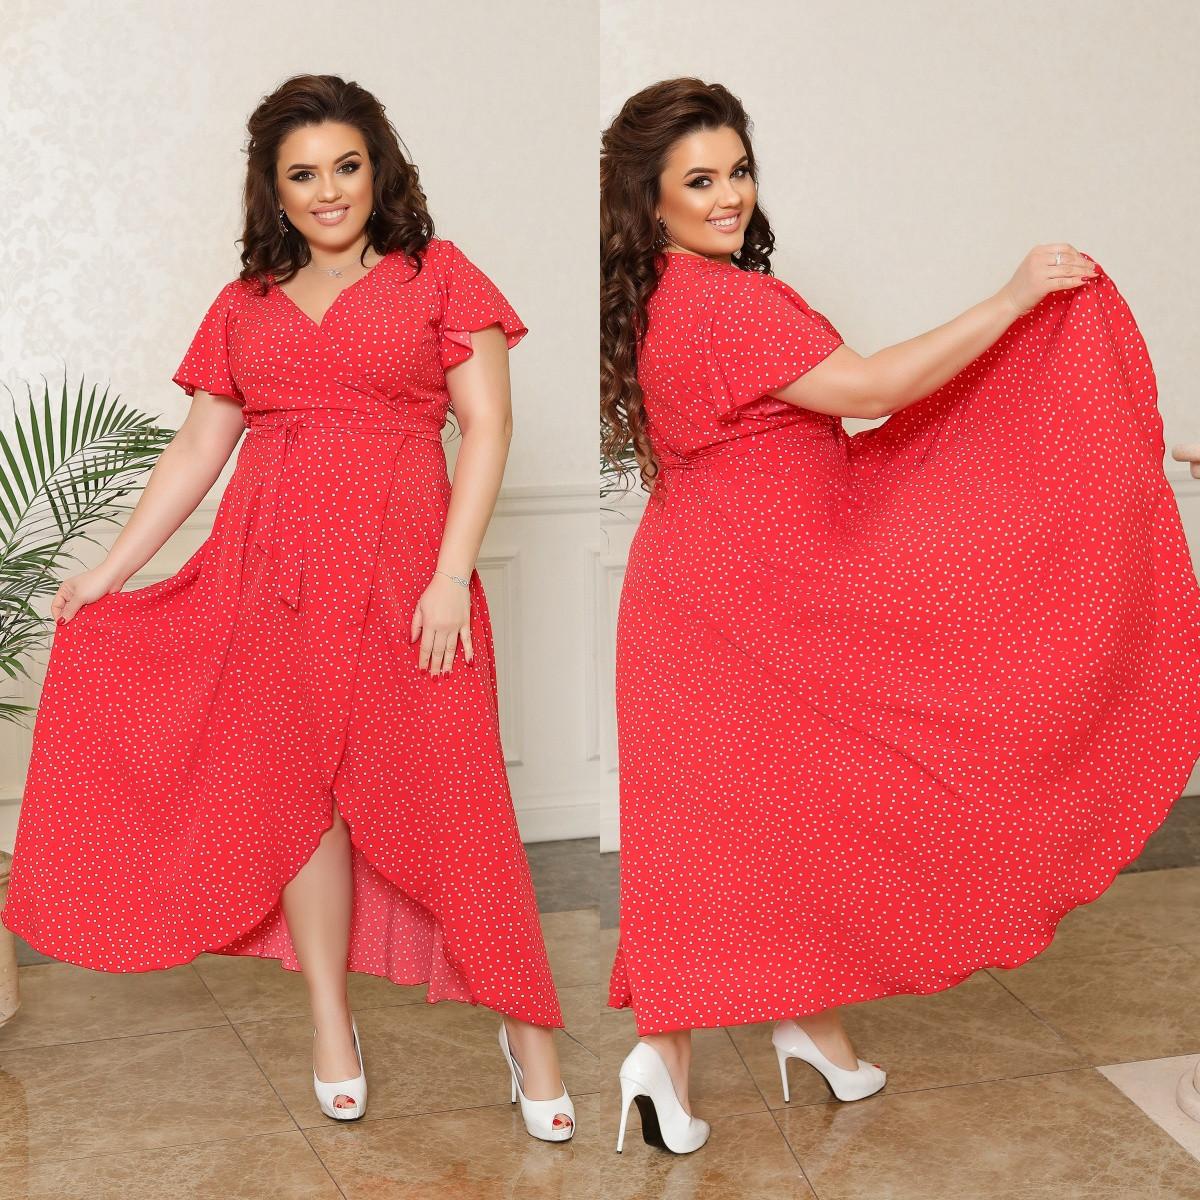 Плаття на запах зі шлейфом, №315, червоне в дрібний горошок, з 44 по 58р.